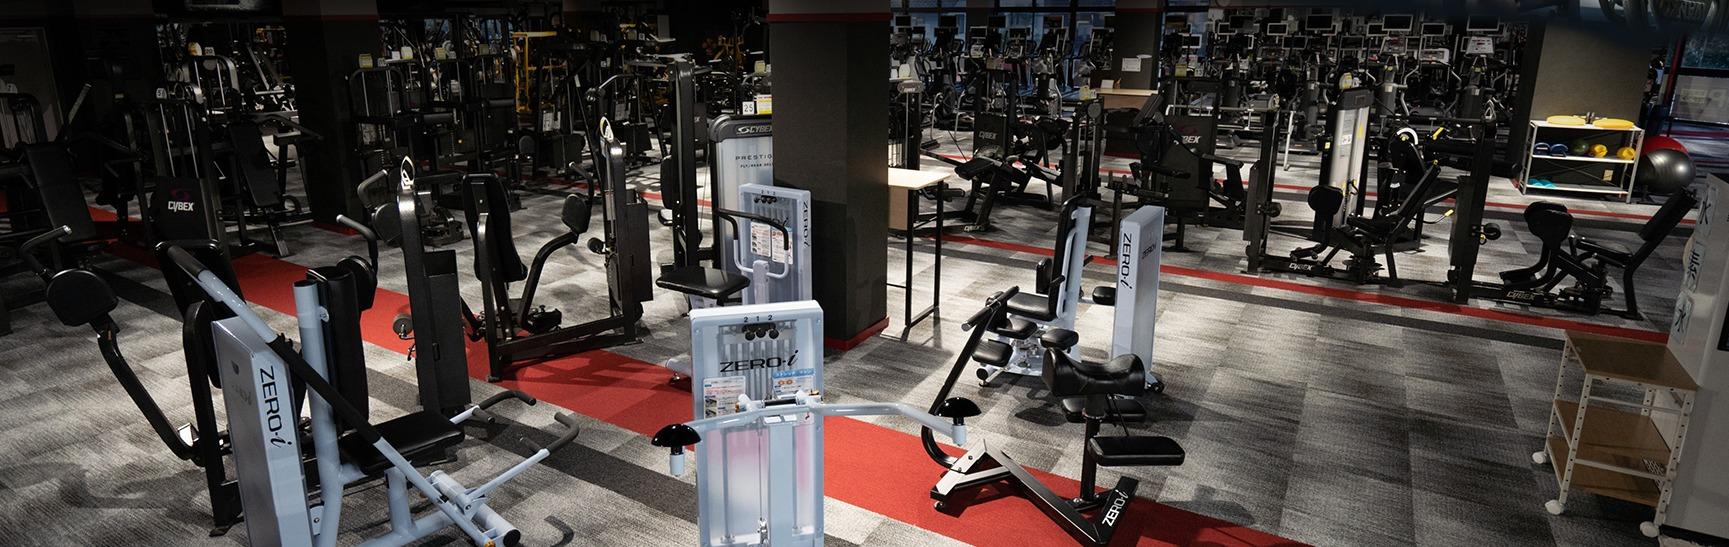 エイブルスポーツクラブ広島の施設画像